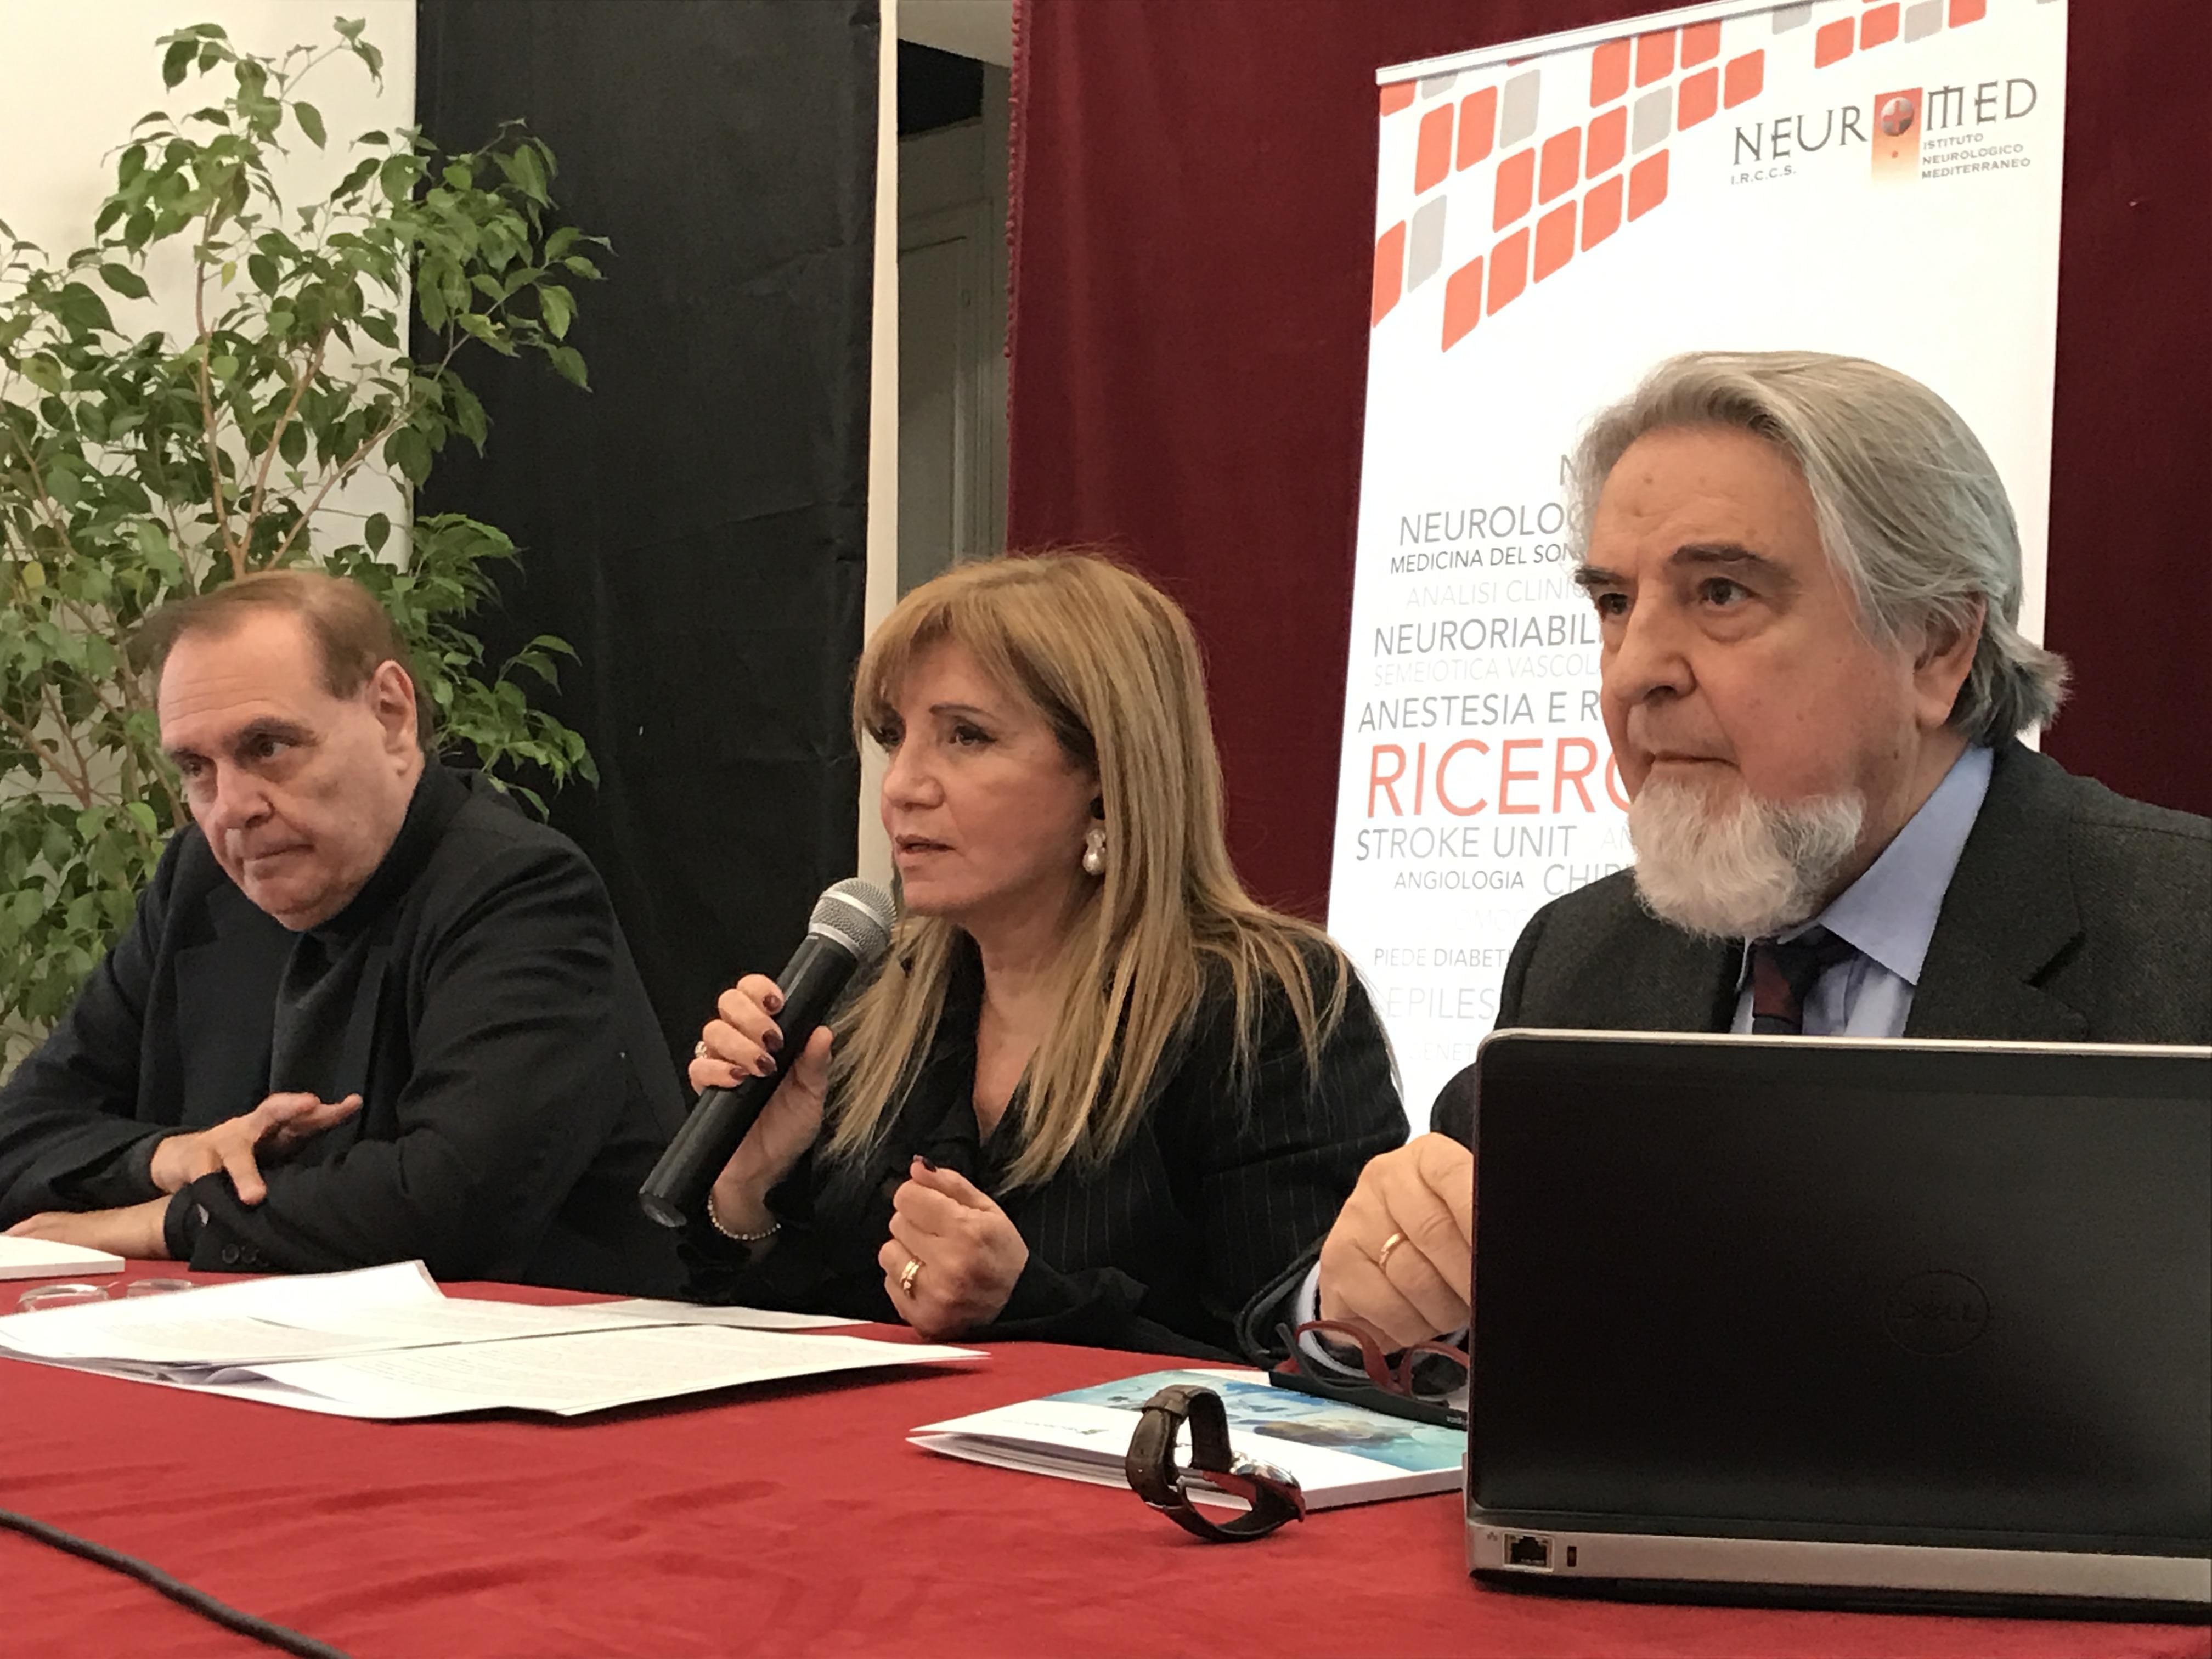 Centro Medico Diagnostica e Riabilitazione di Sant'Agata de' Goti, un futuro nel segno della ricerca scientifica